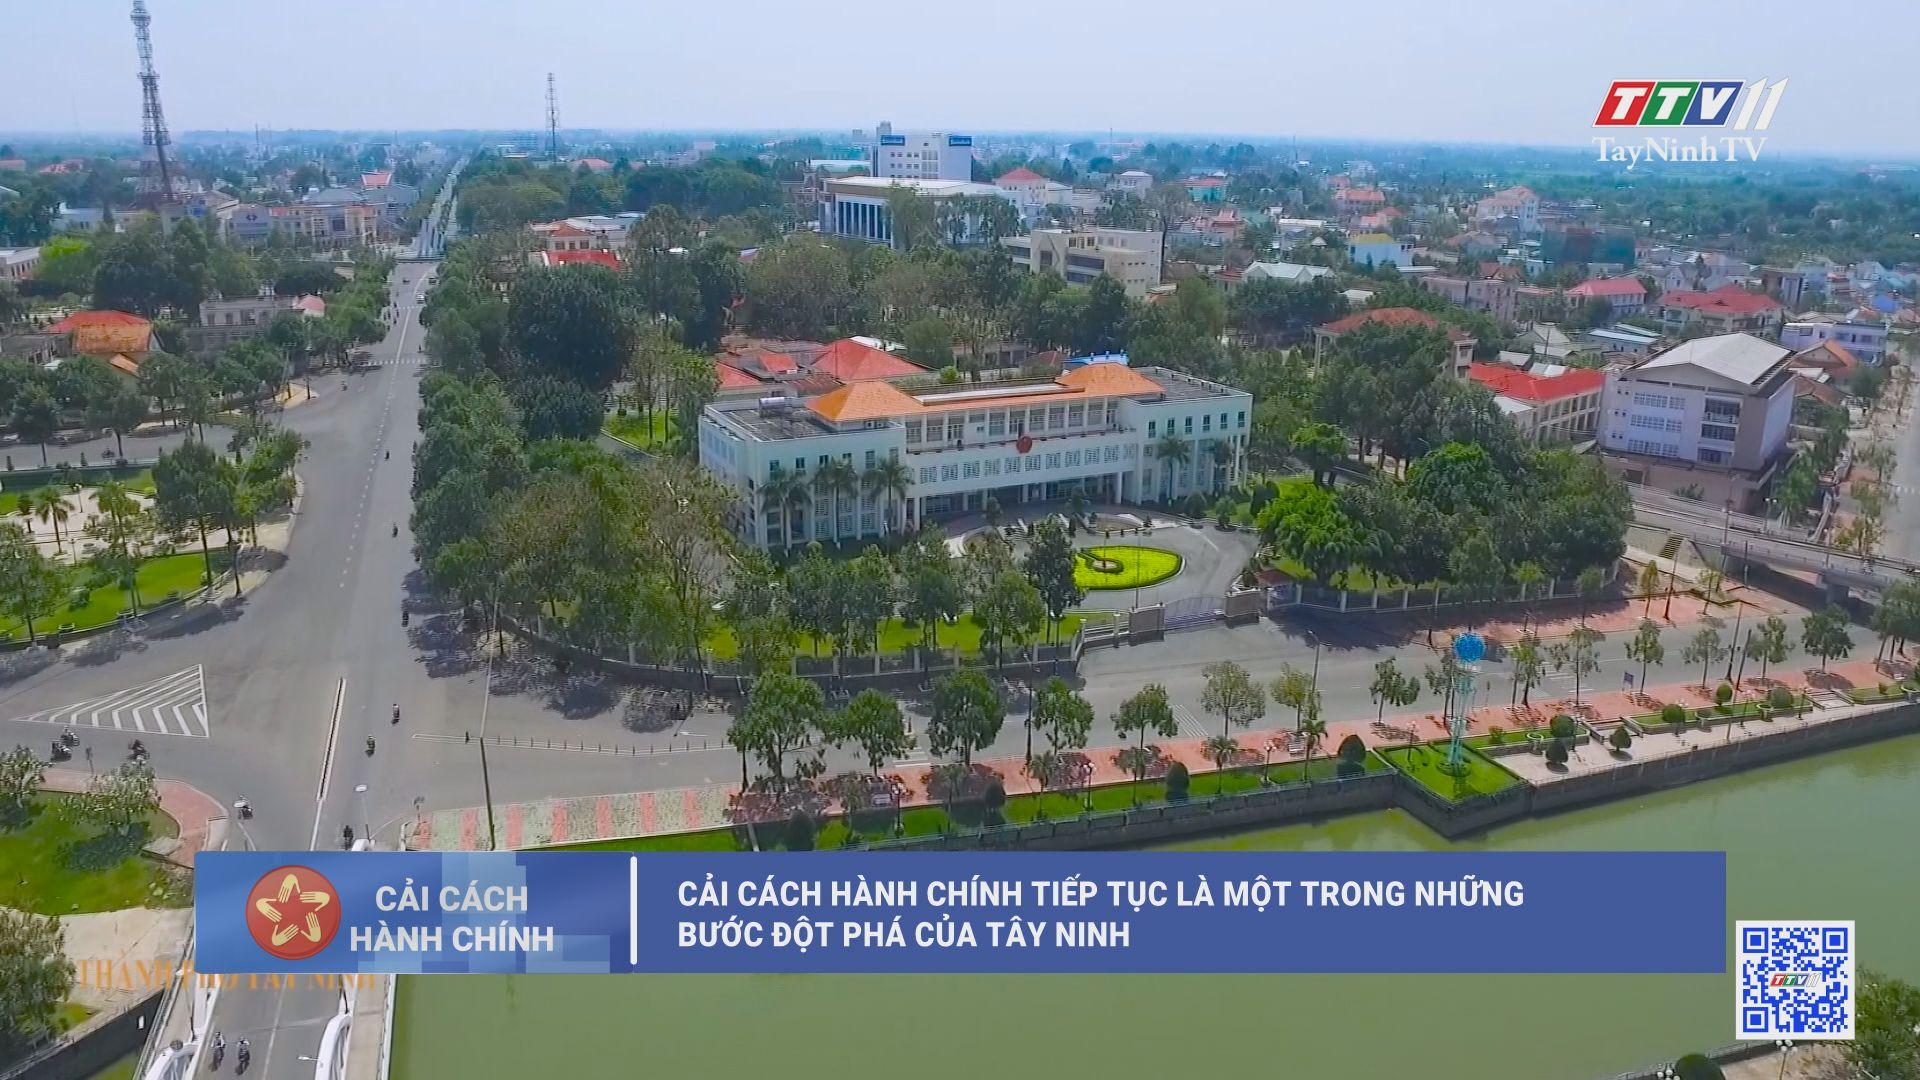 Cải cách hành chính tiếp tục là một trong những bước đột phá của Tây Ninh | CẢI CÁCH HÀNH CHÍNH | TayNinhTV